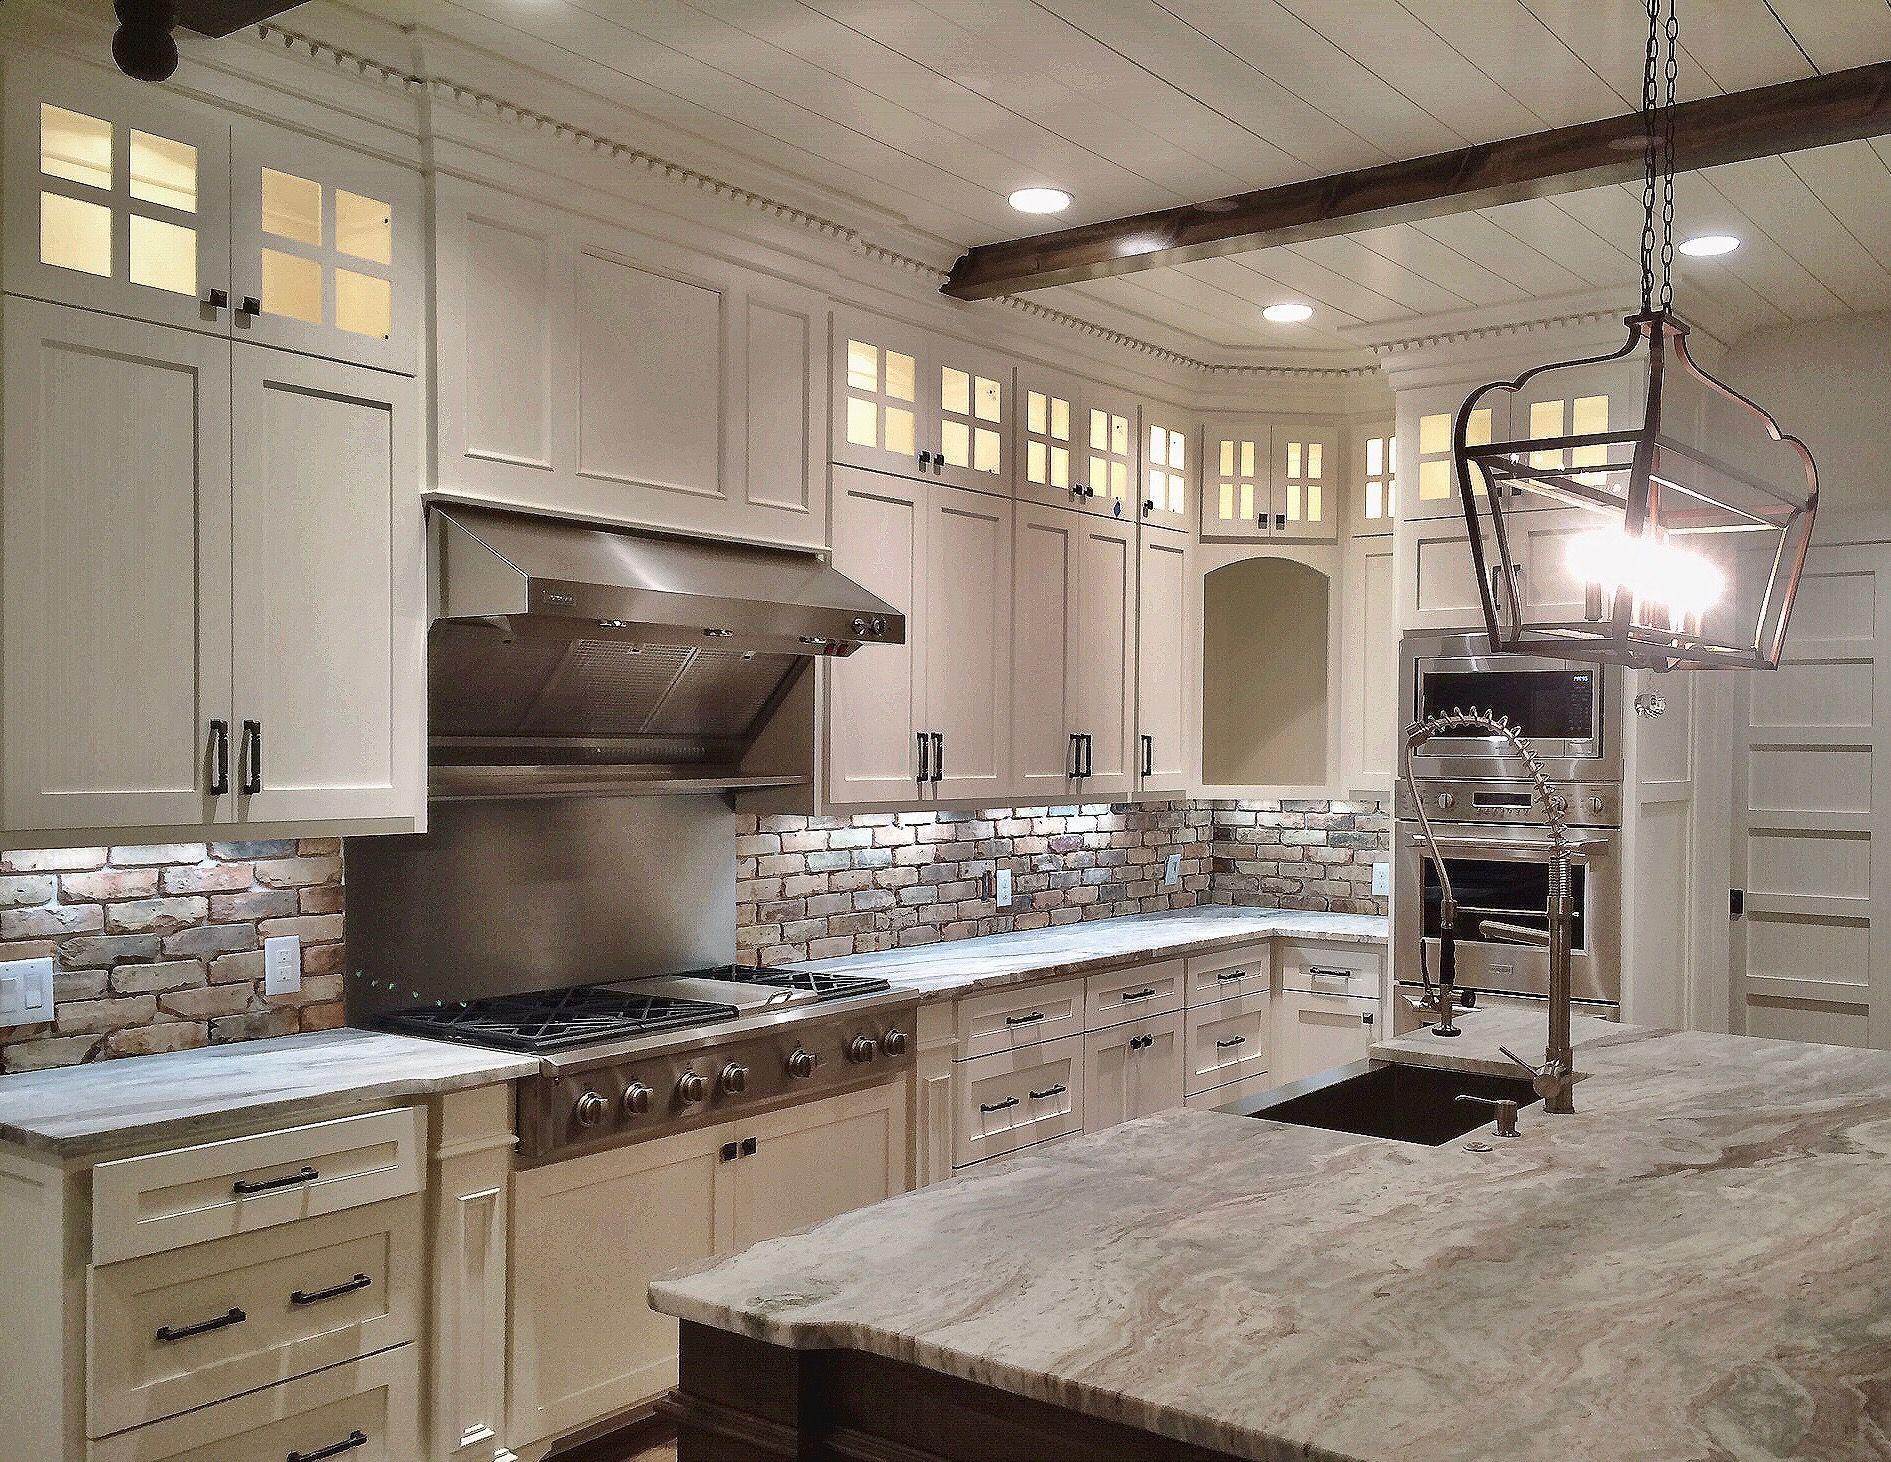 Farmhouse kitchen, White kitchen, shiplap ceiling